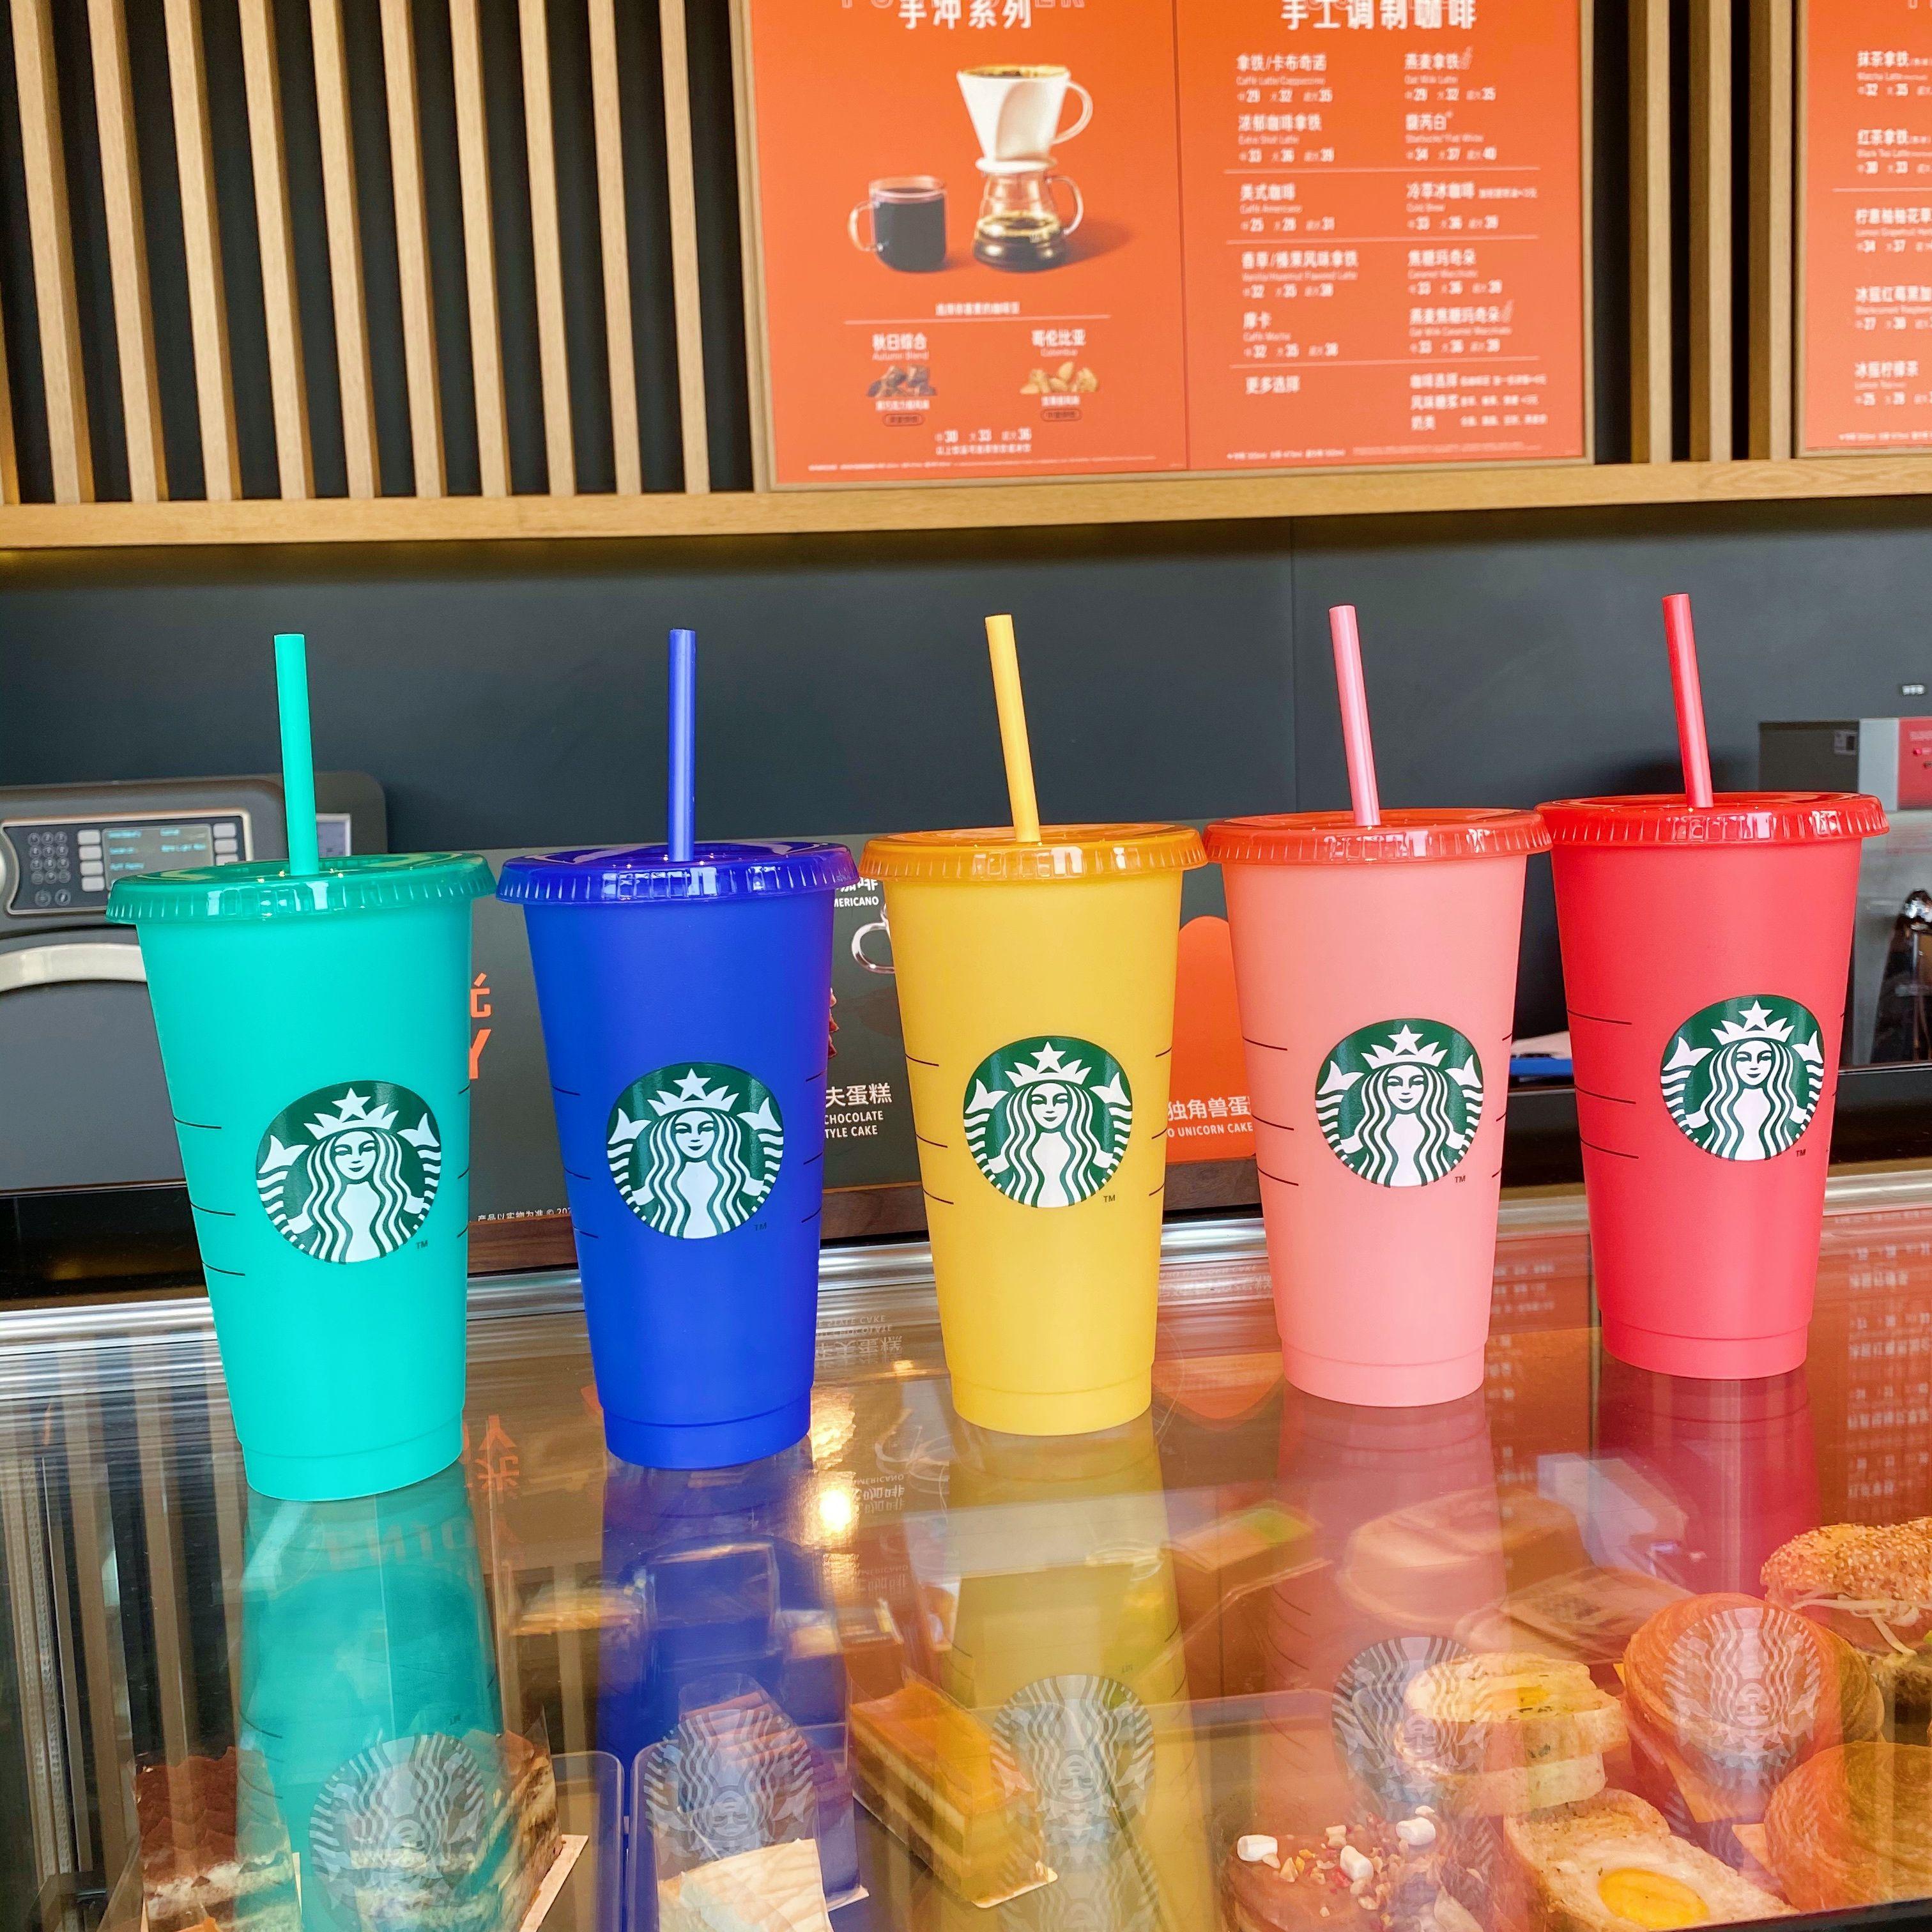 Starbucks 24 Unzen Farbwechsel Tumbler Kunststoff transparent Trinksaftschale mit Lippe und Strohmagie Kaffeetasse Costom Farbe ändern 5 mqdc